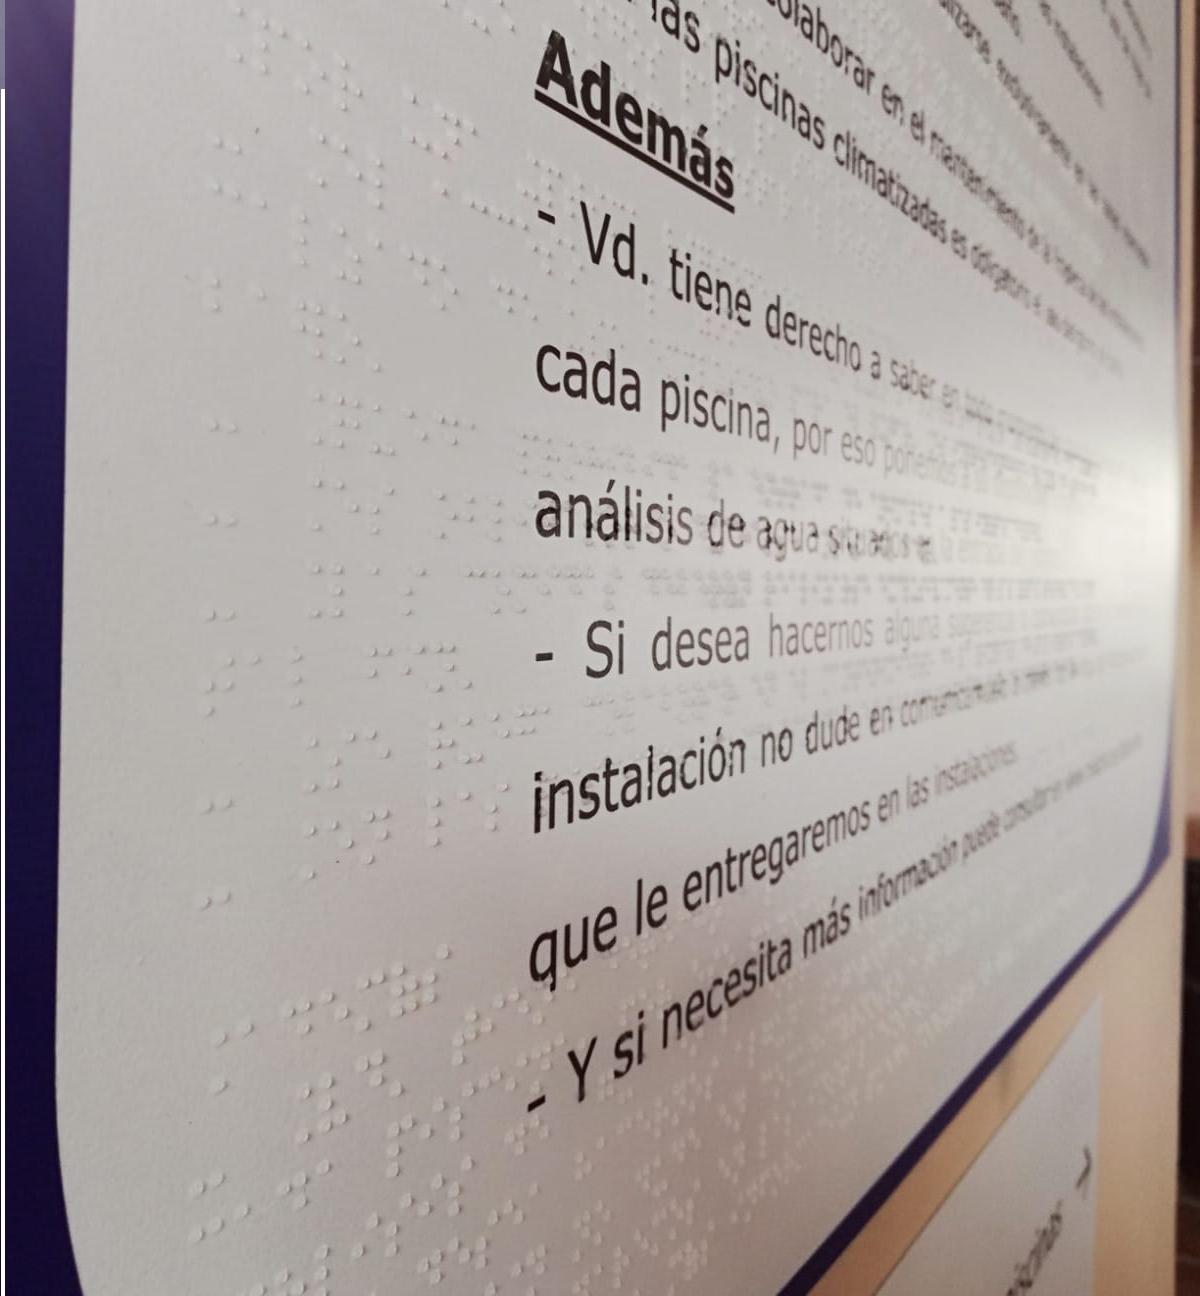 Normas de piscina en Braille